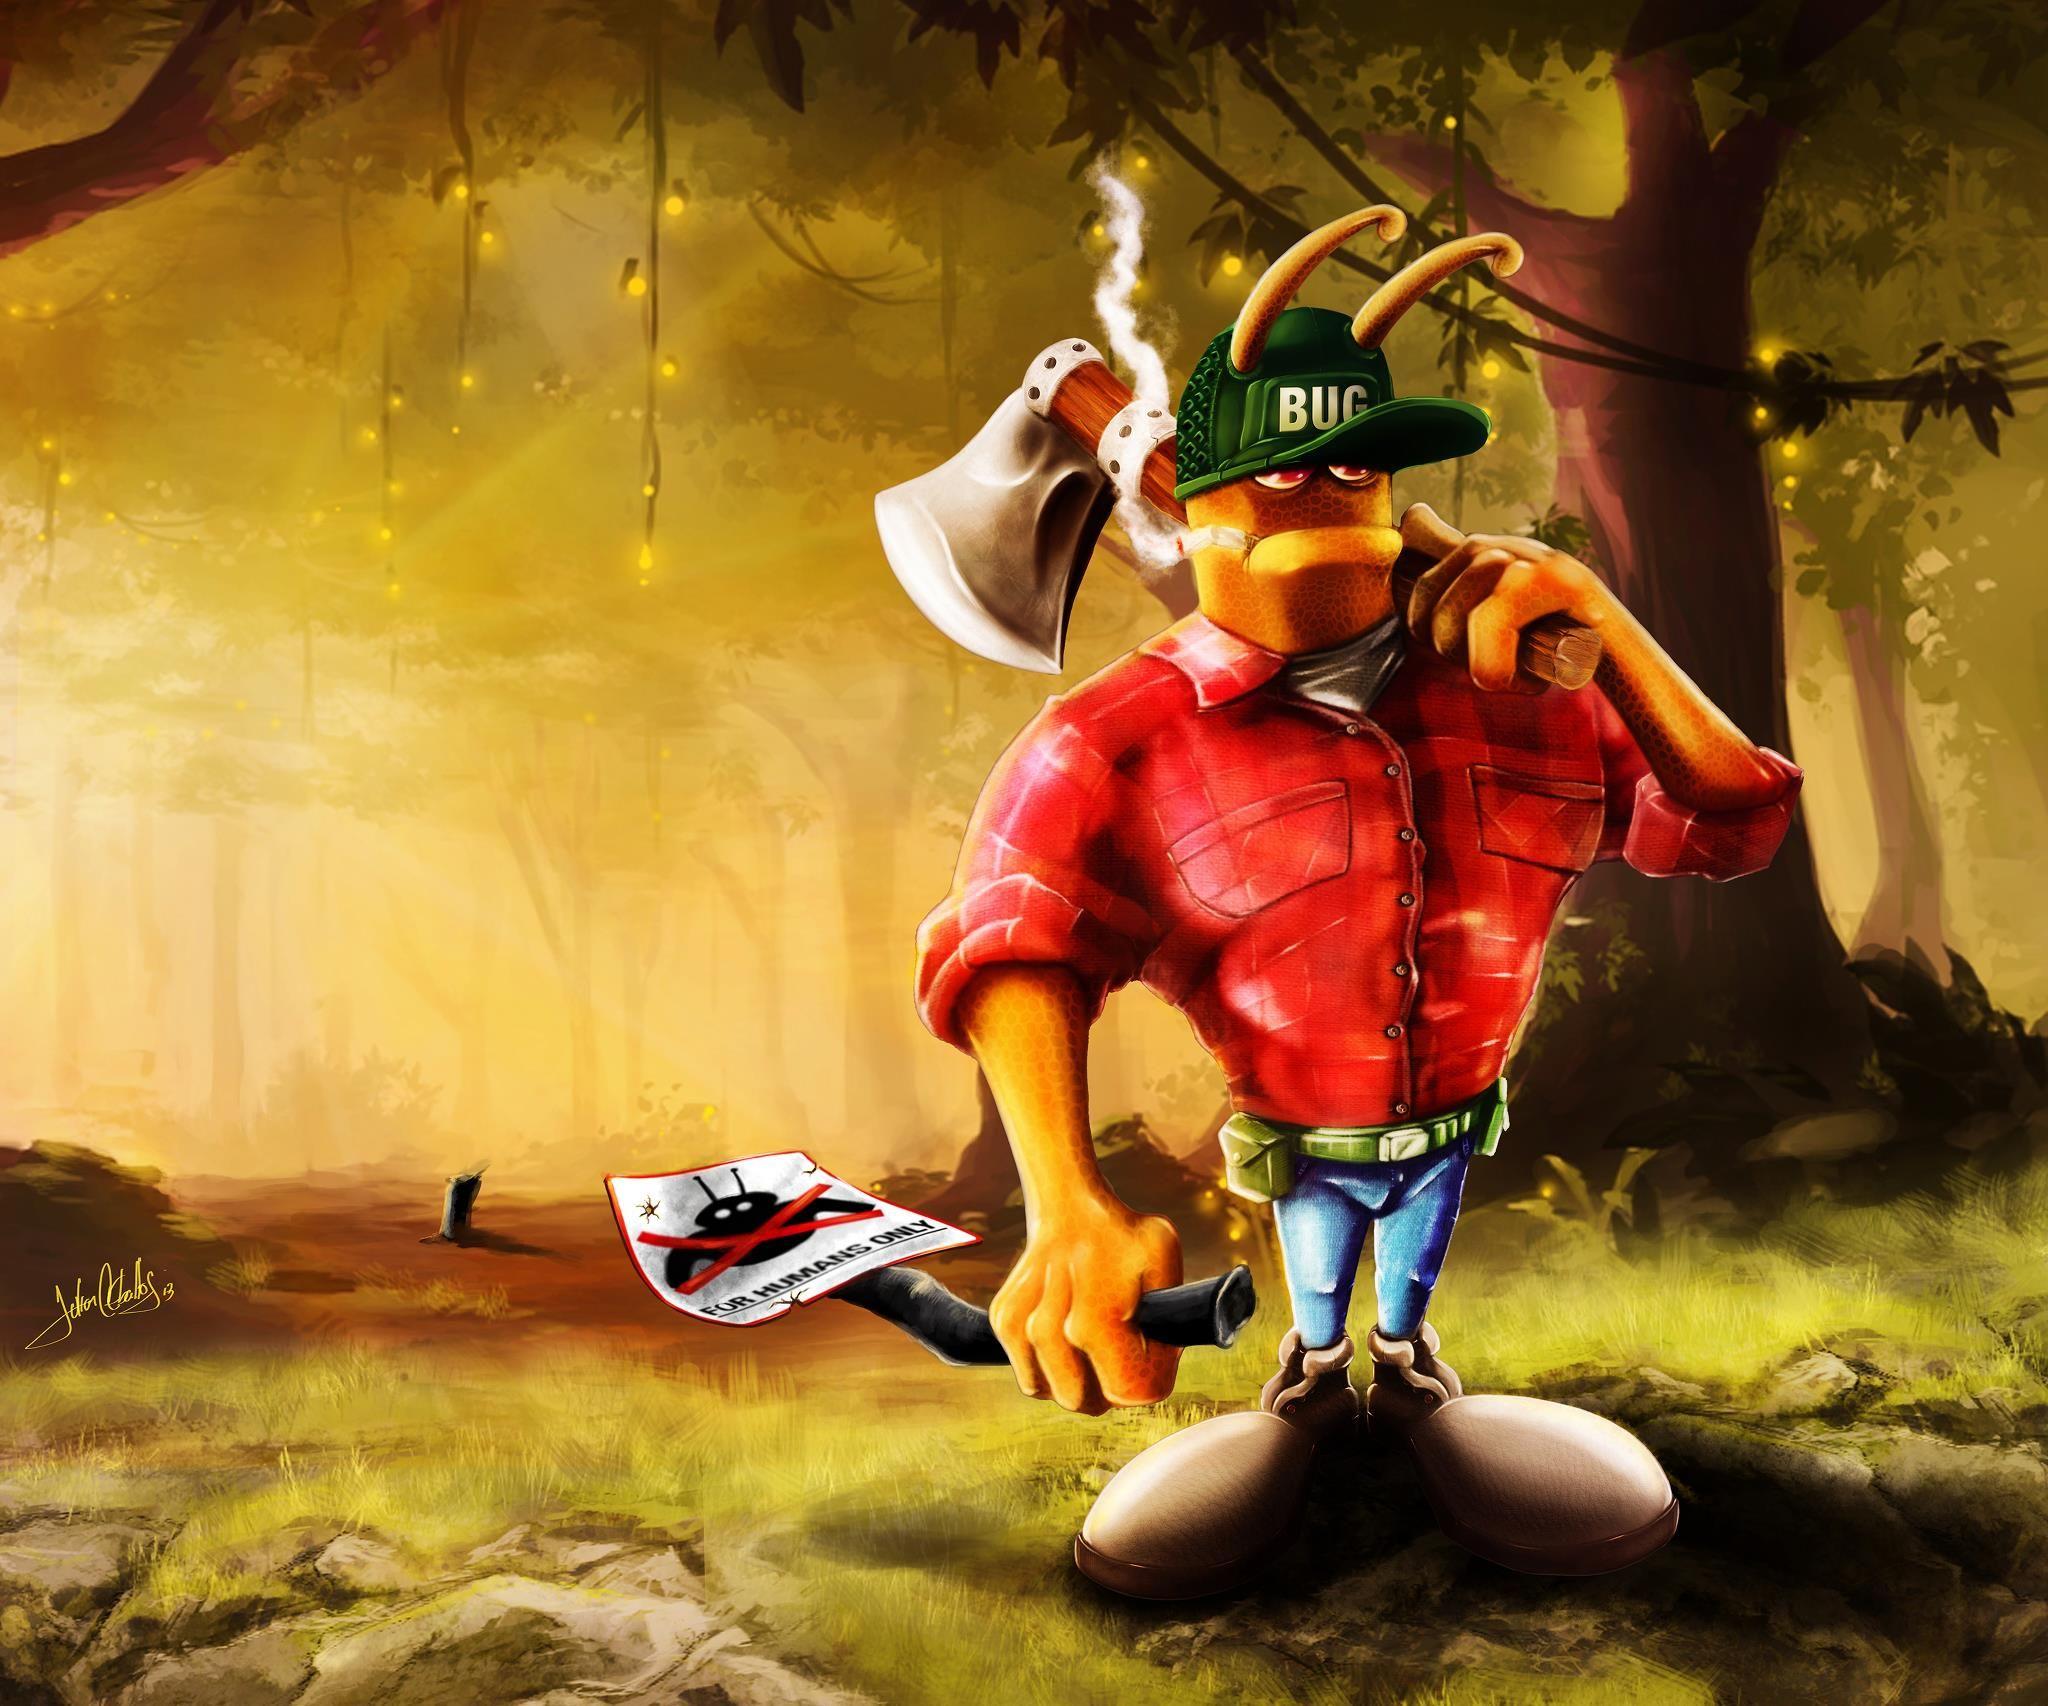 Mr. BUG-lumberjack, por que la naturaleza es de los insectos!!!